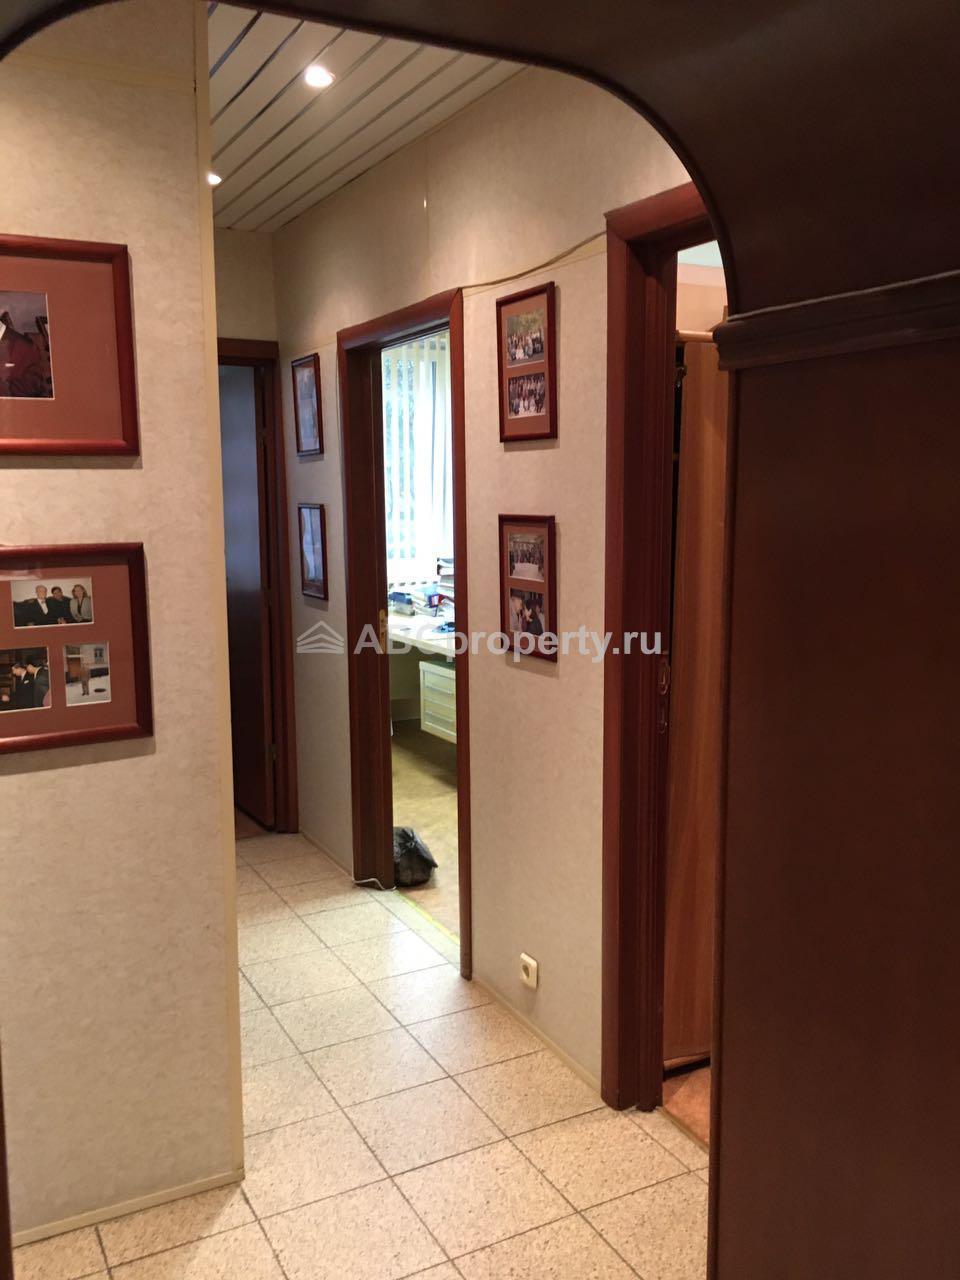 аренда коммерческой недвижимости, офисных помещений рада предложить фирма сфера ote/7154